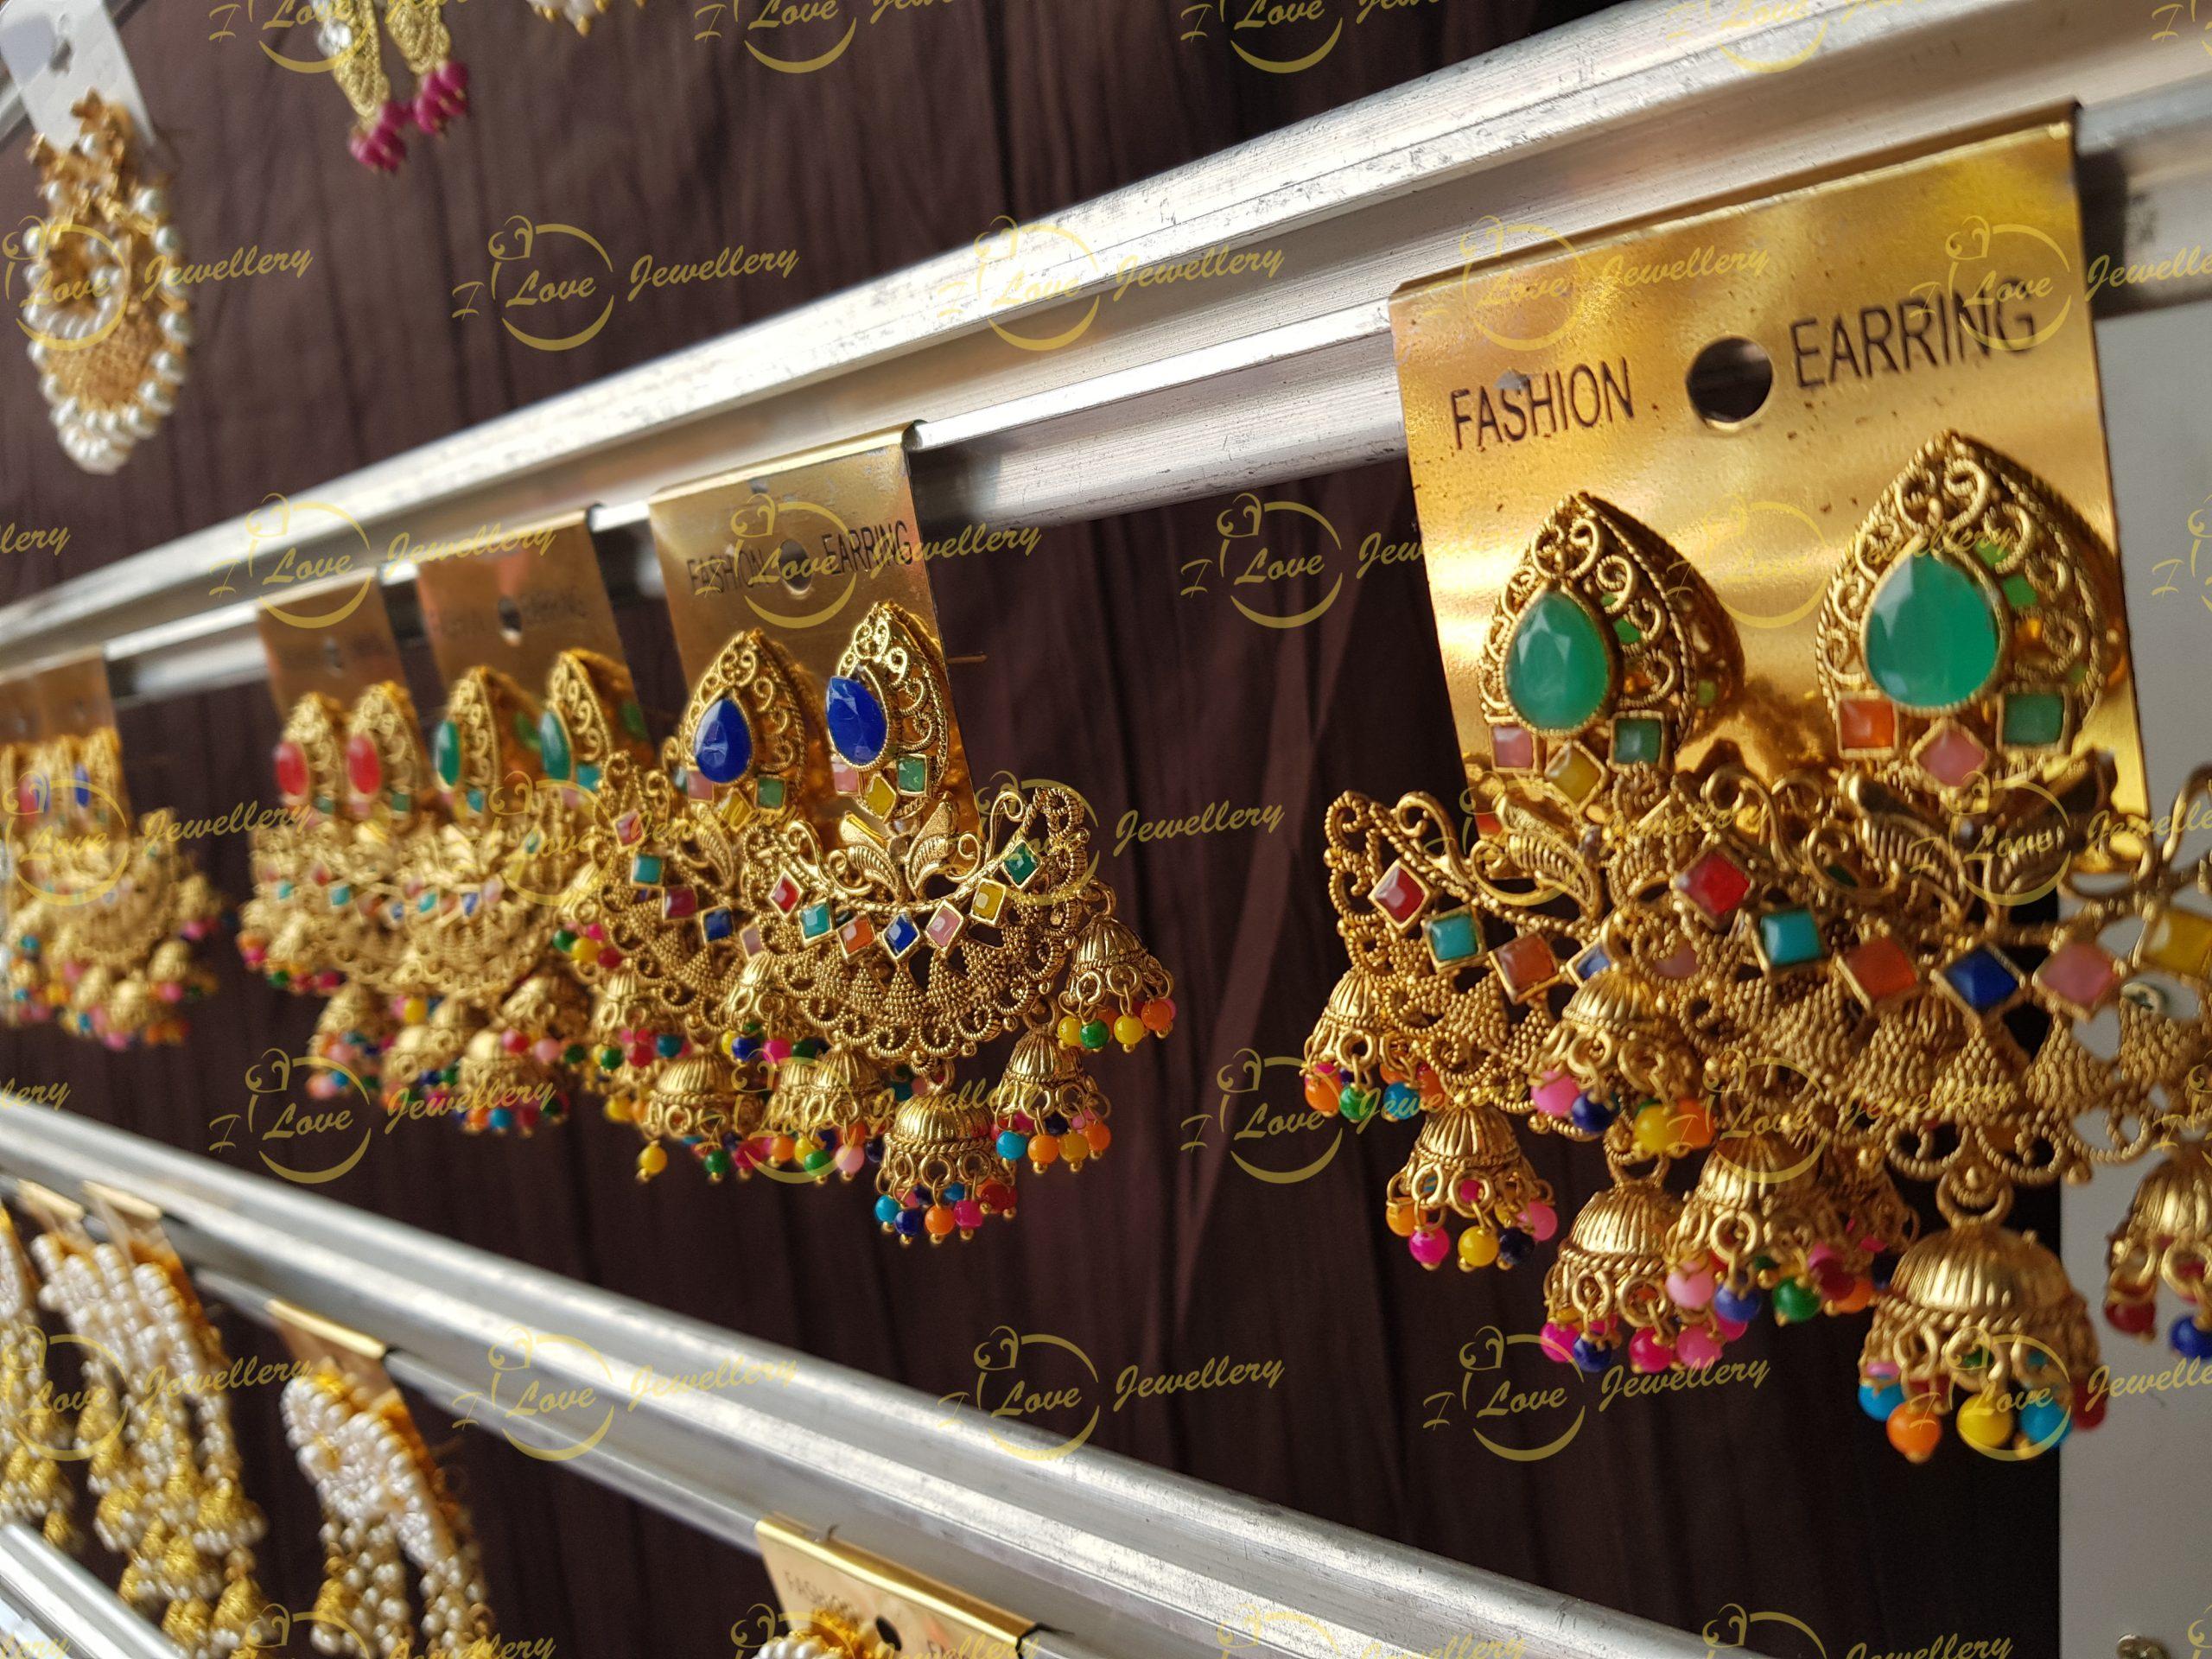 multi earrings - mehndi earrings - jhumki earrings - bridal earrings - wedding earrings - party earrings - wholesale Pakistani jewellery - bespoke Pakistani jewellery